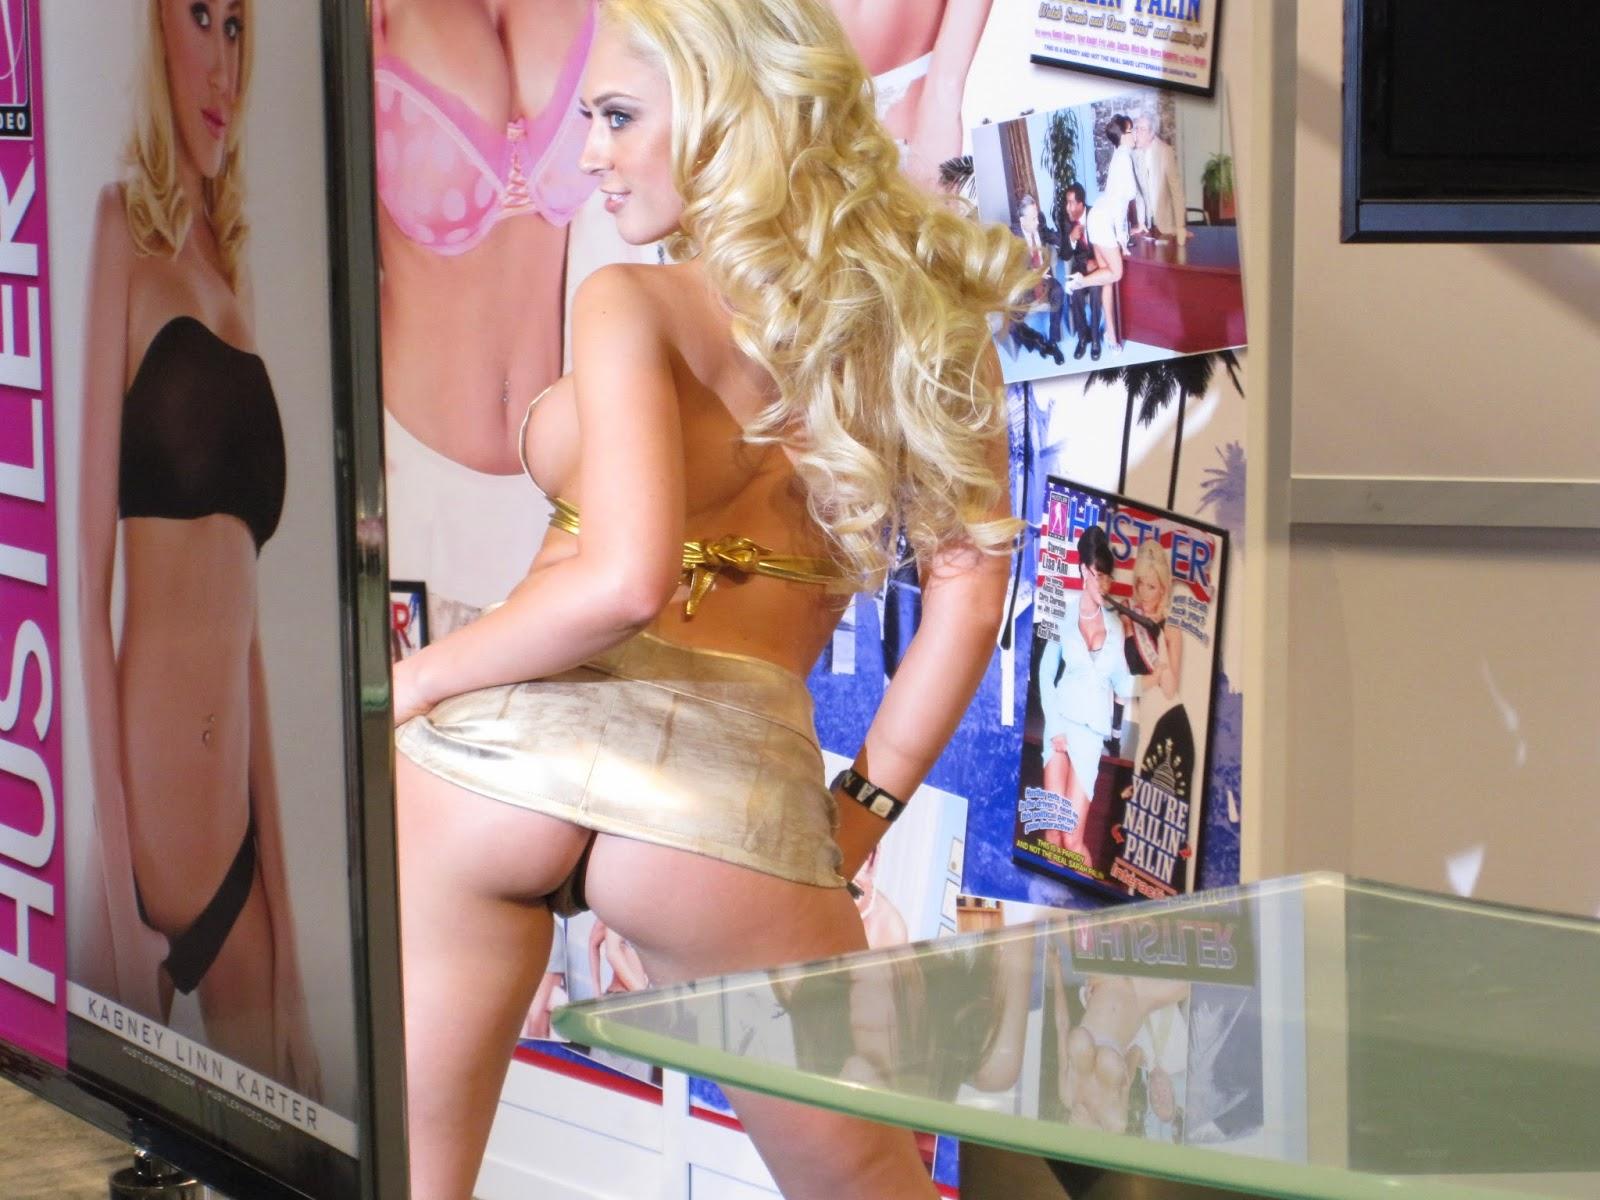 Kagney Linn karter, la mejor actriz porno del momento. Rubia, con curvas, morbosa y muy activa. Chicas guapas 1x2.